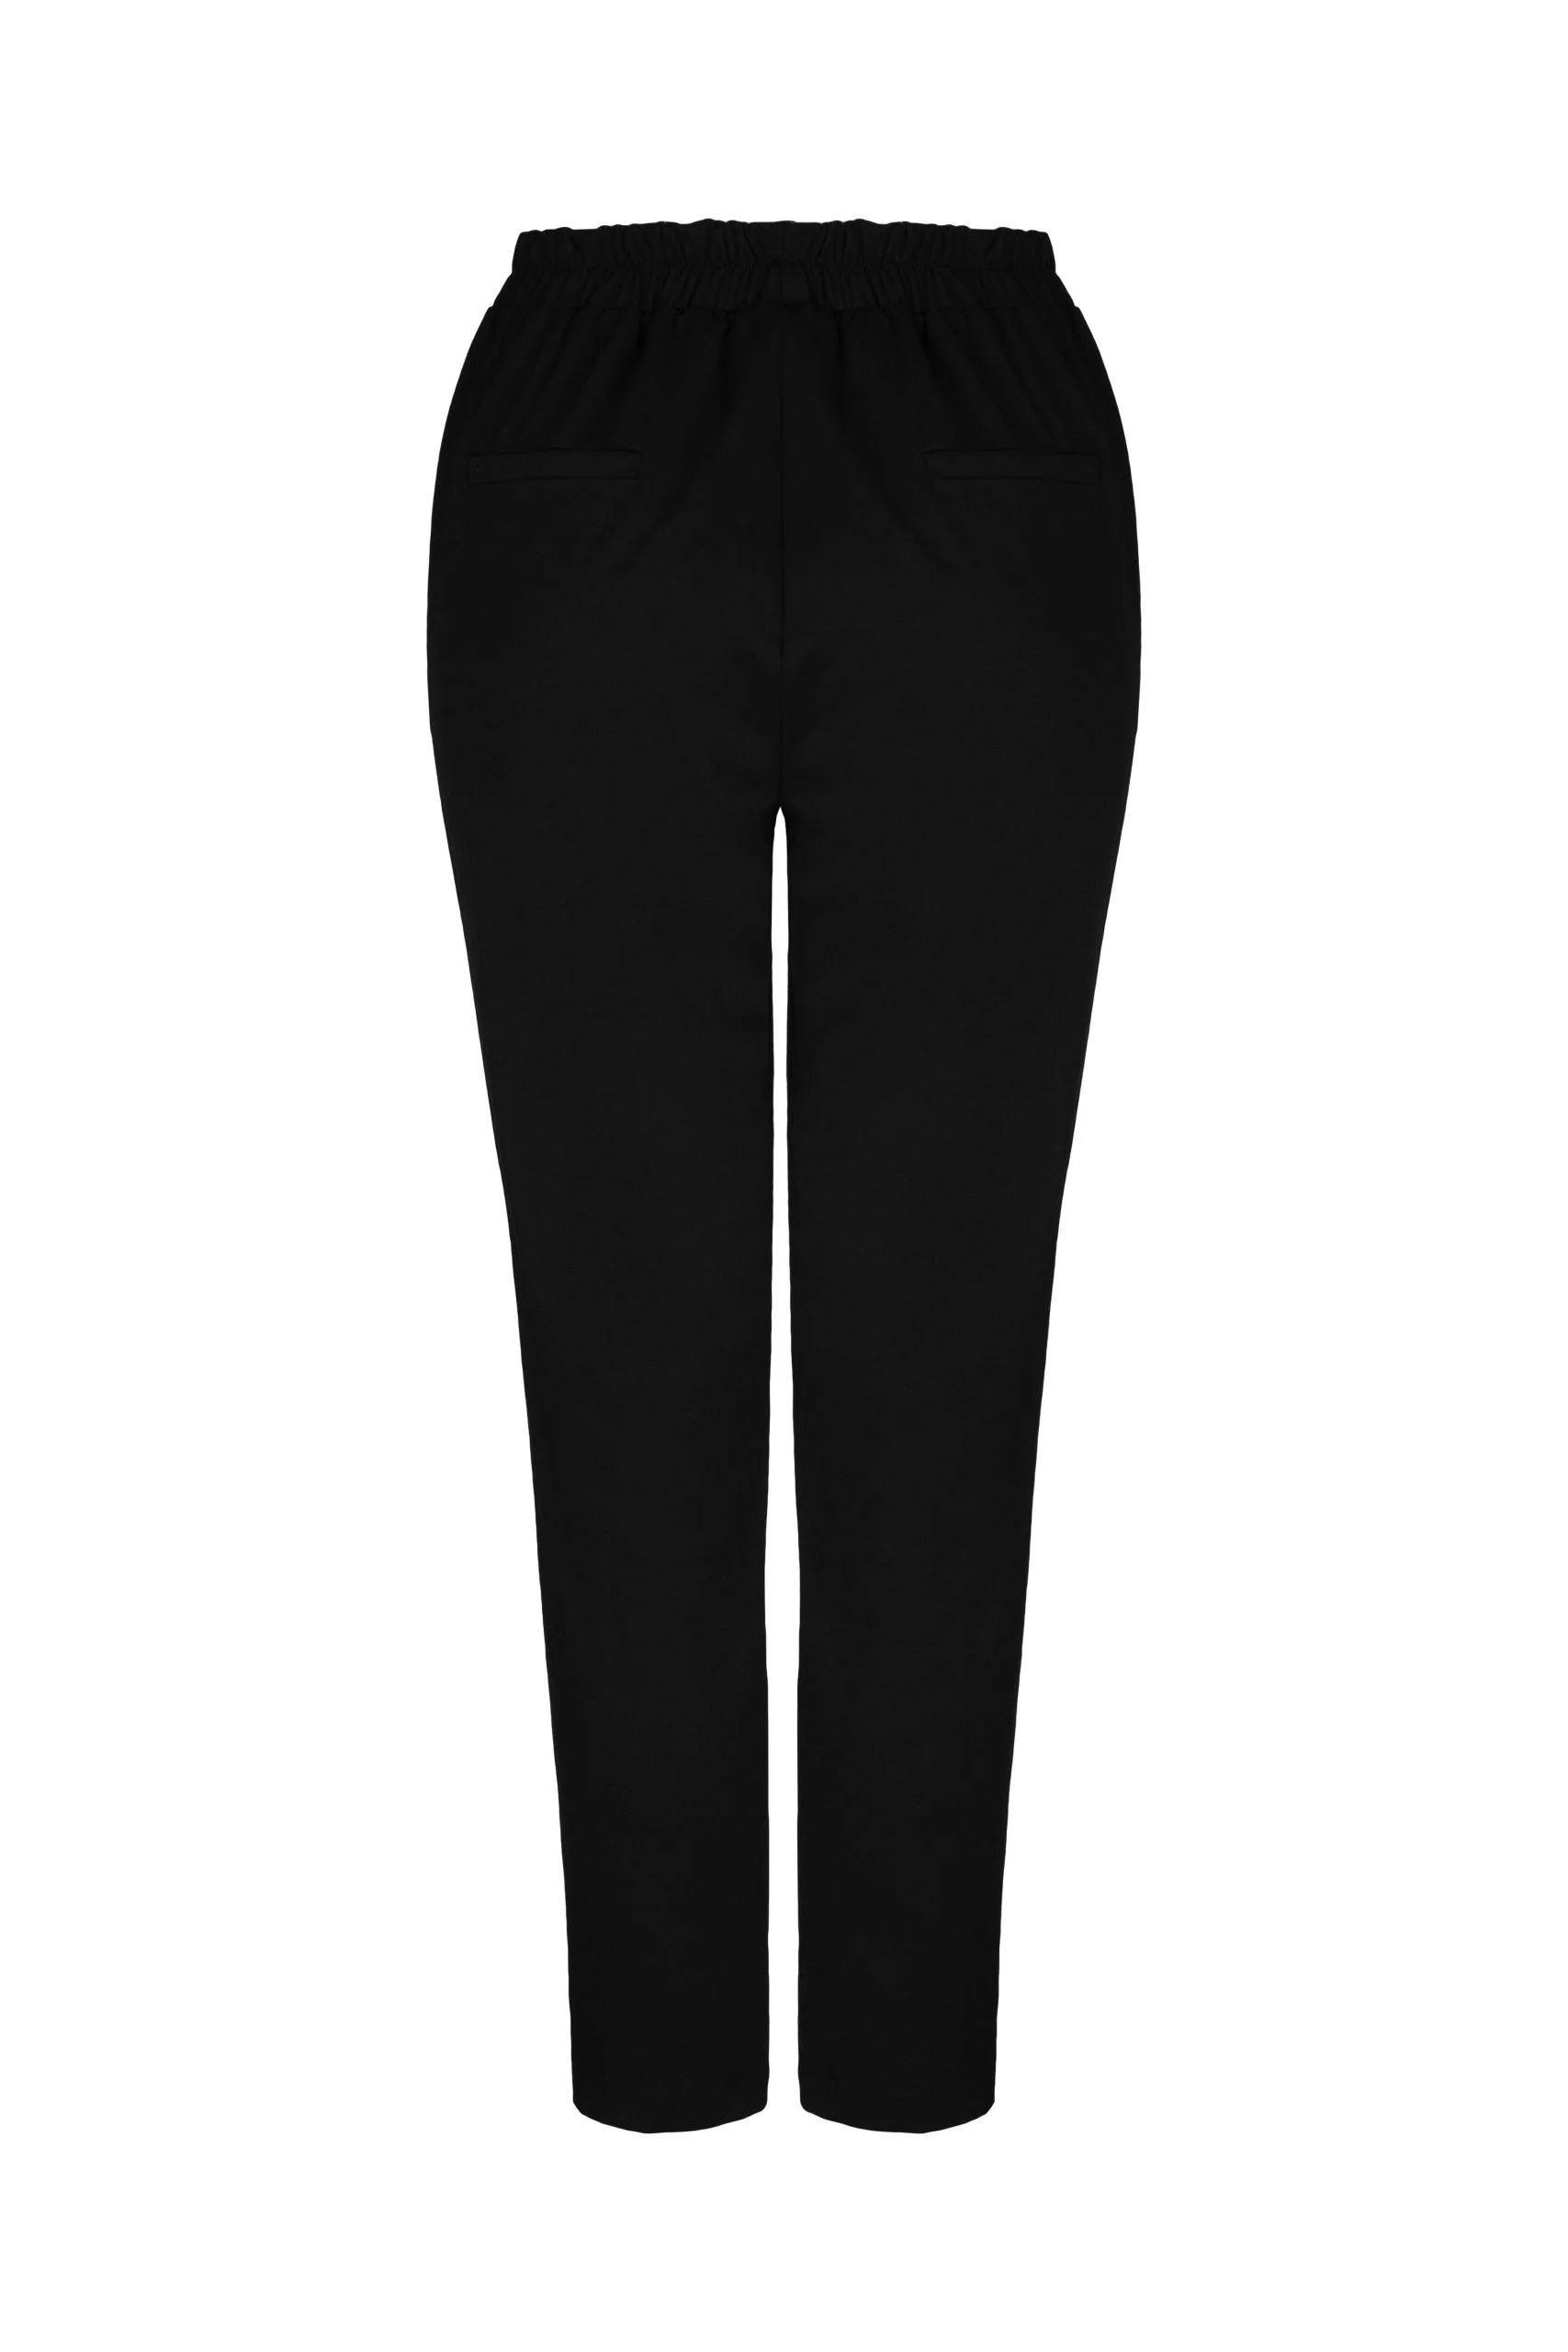 Spodnie Palermo Czarne grube (600g/mb)